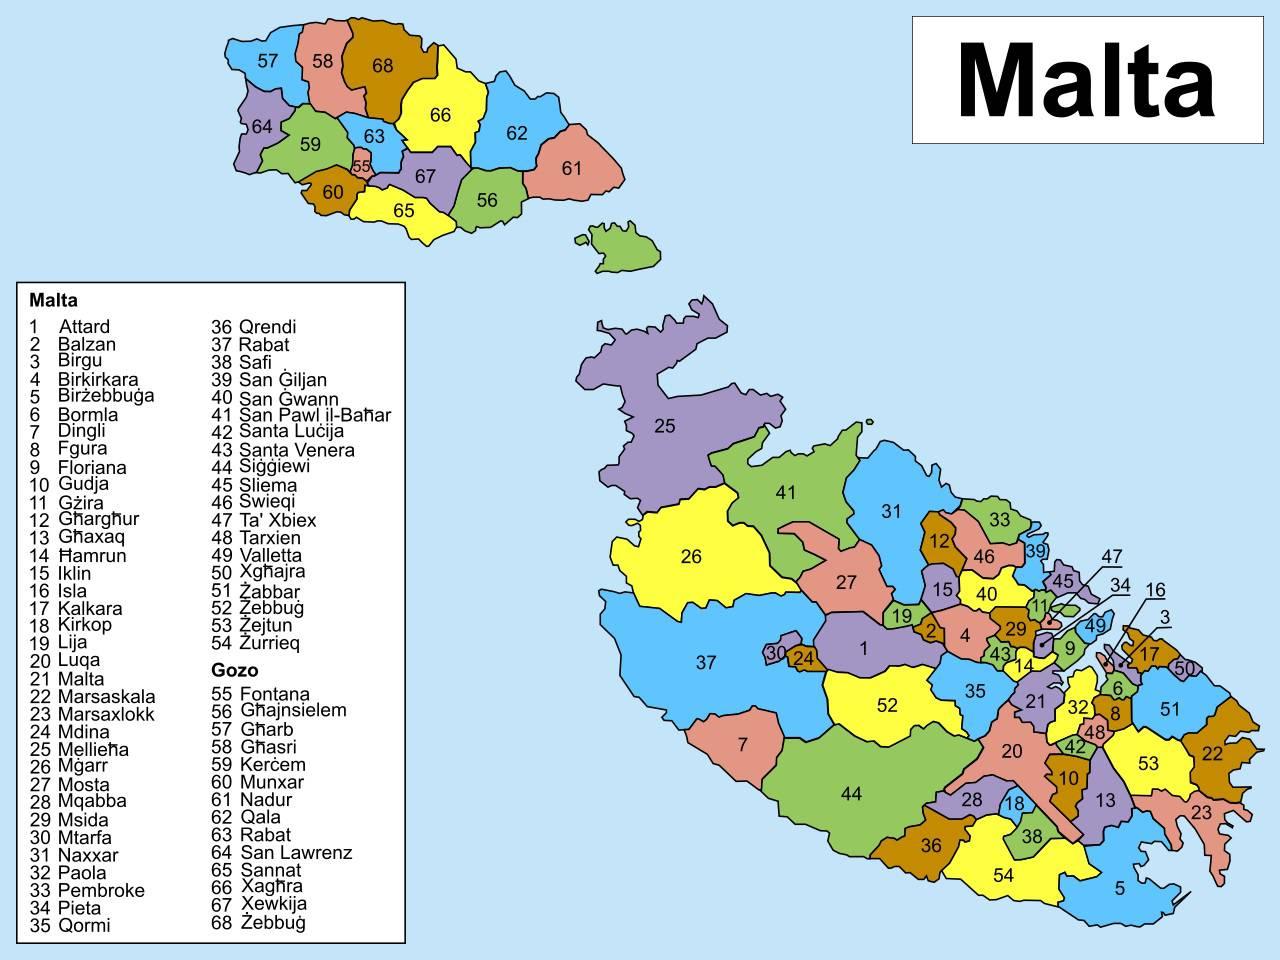 Carte des régions de Malte